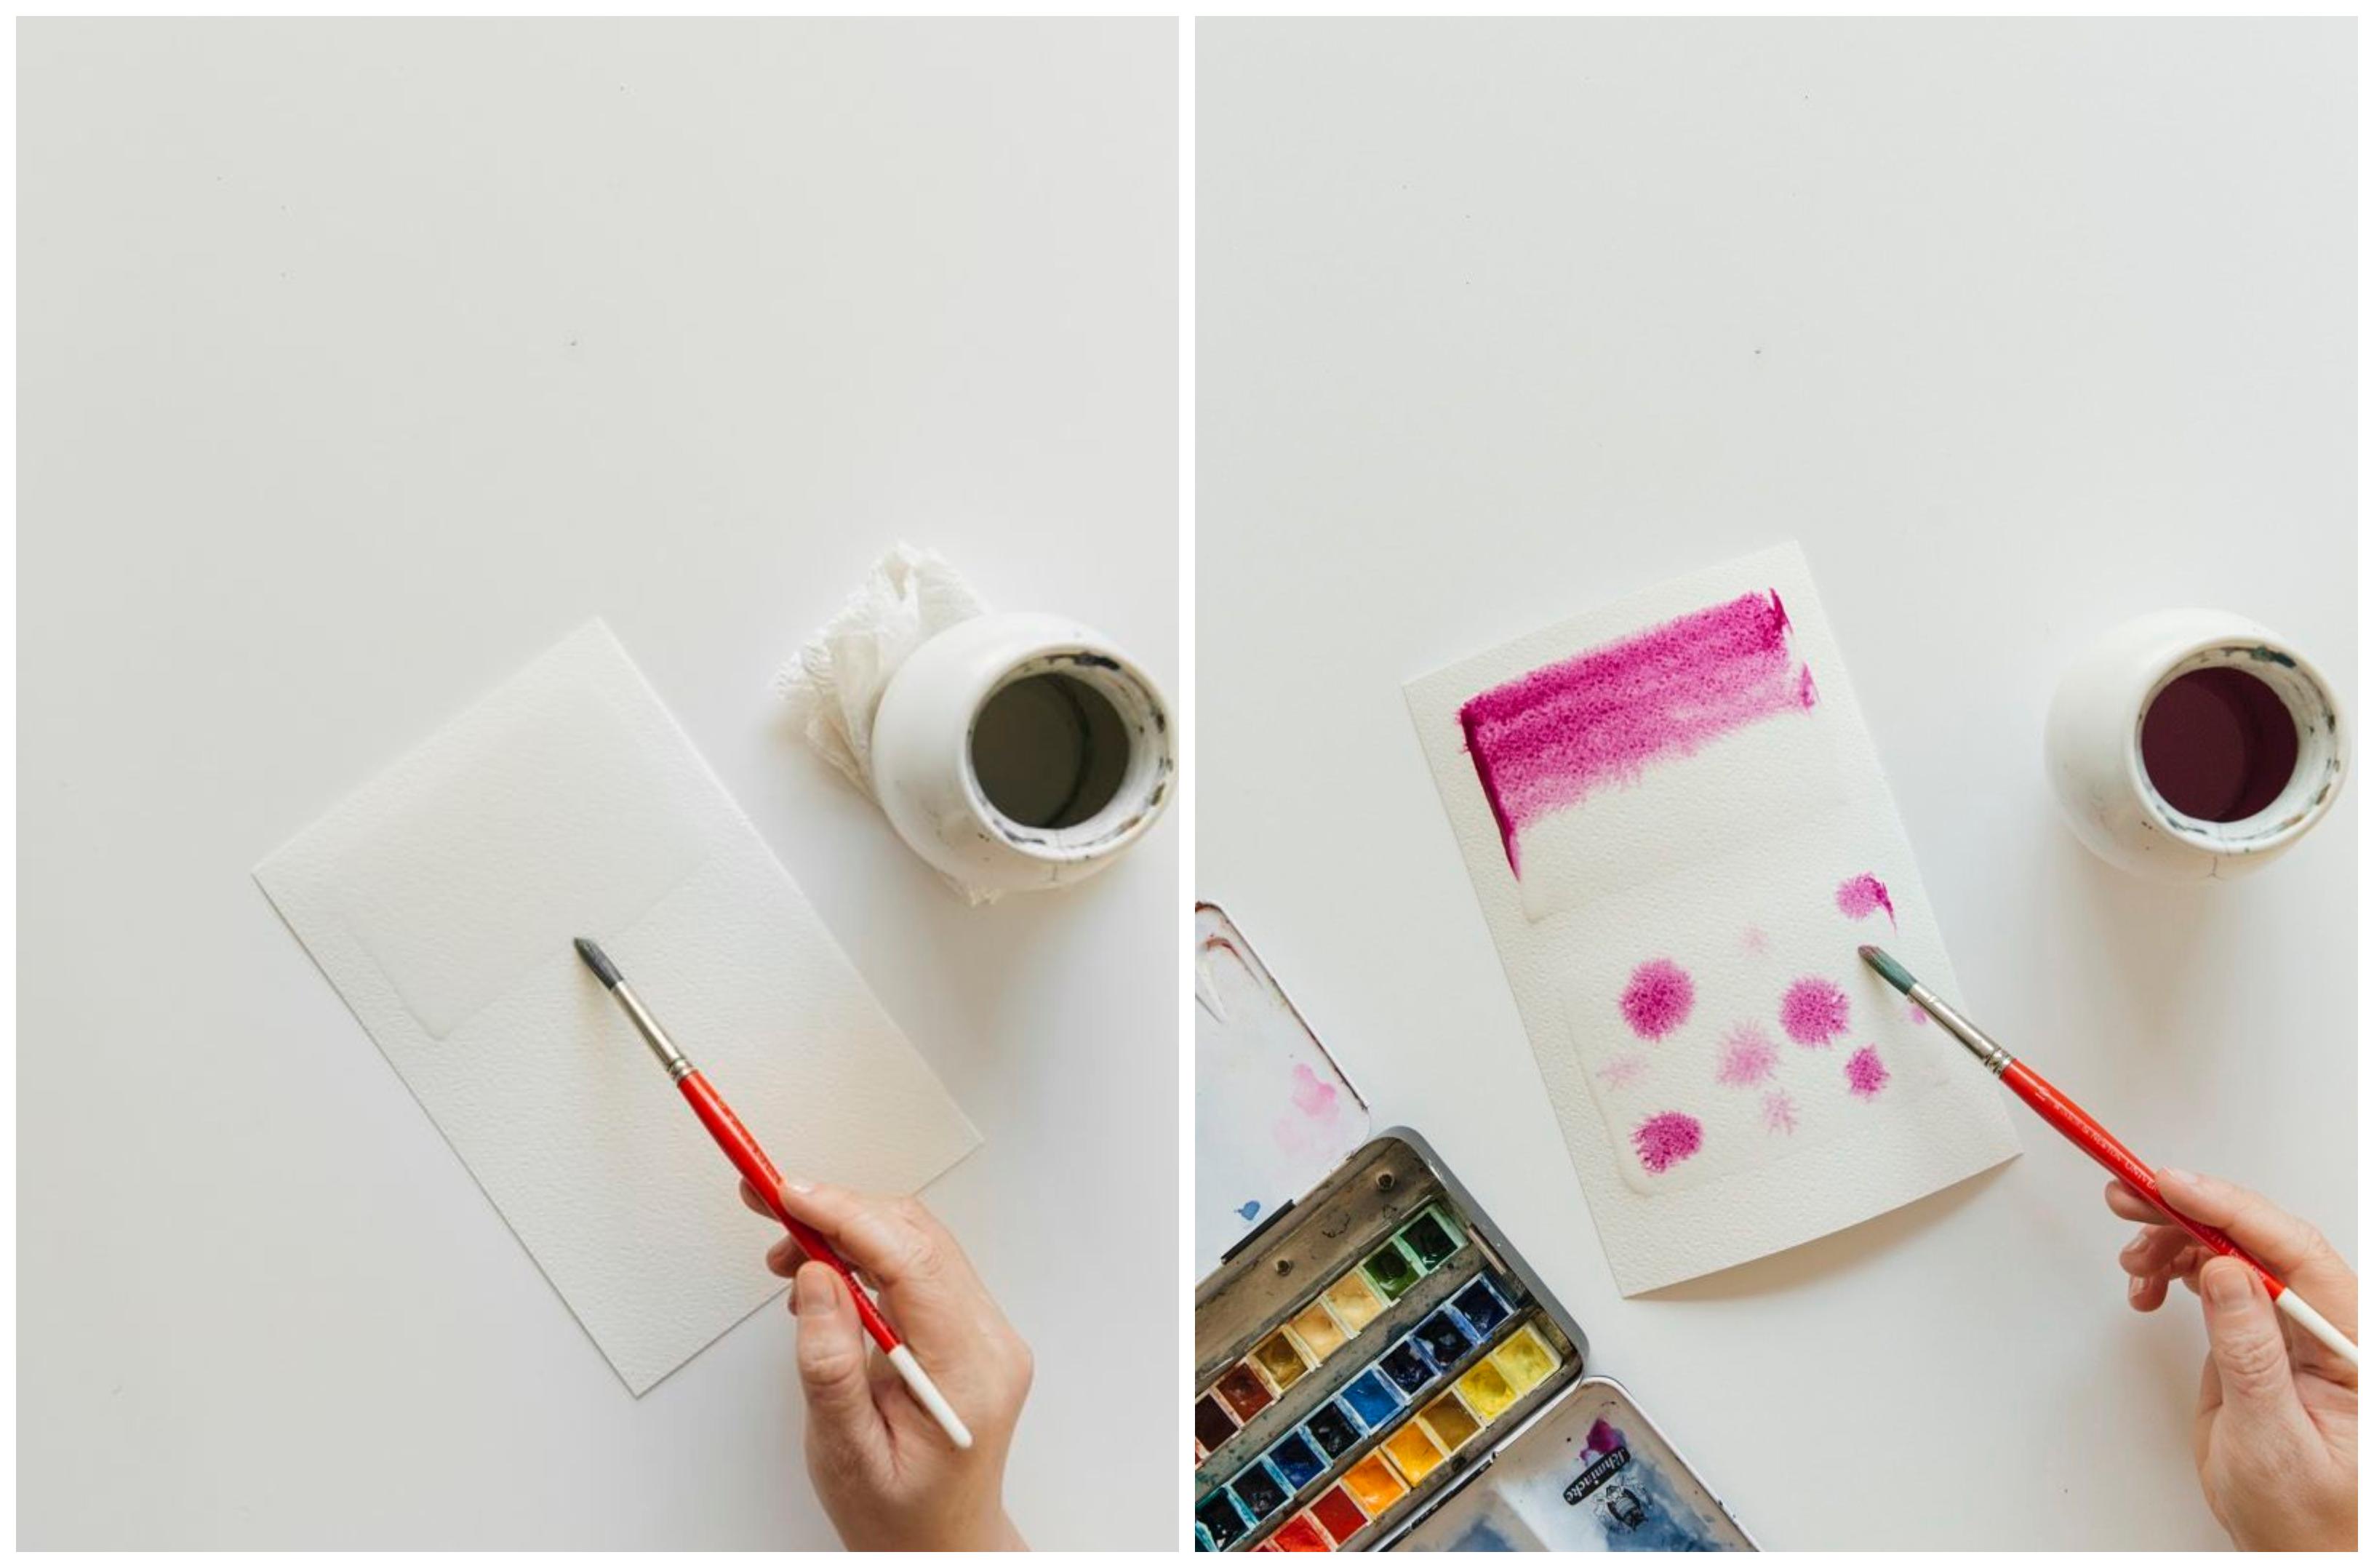 ideas de tecnicas de pintura para principiantes, como dibujar con el métido húmedo sobre húmedo paso a paso, tutorial en fotos